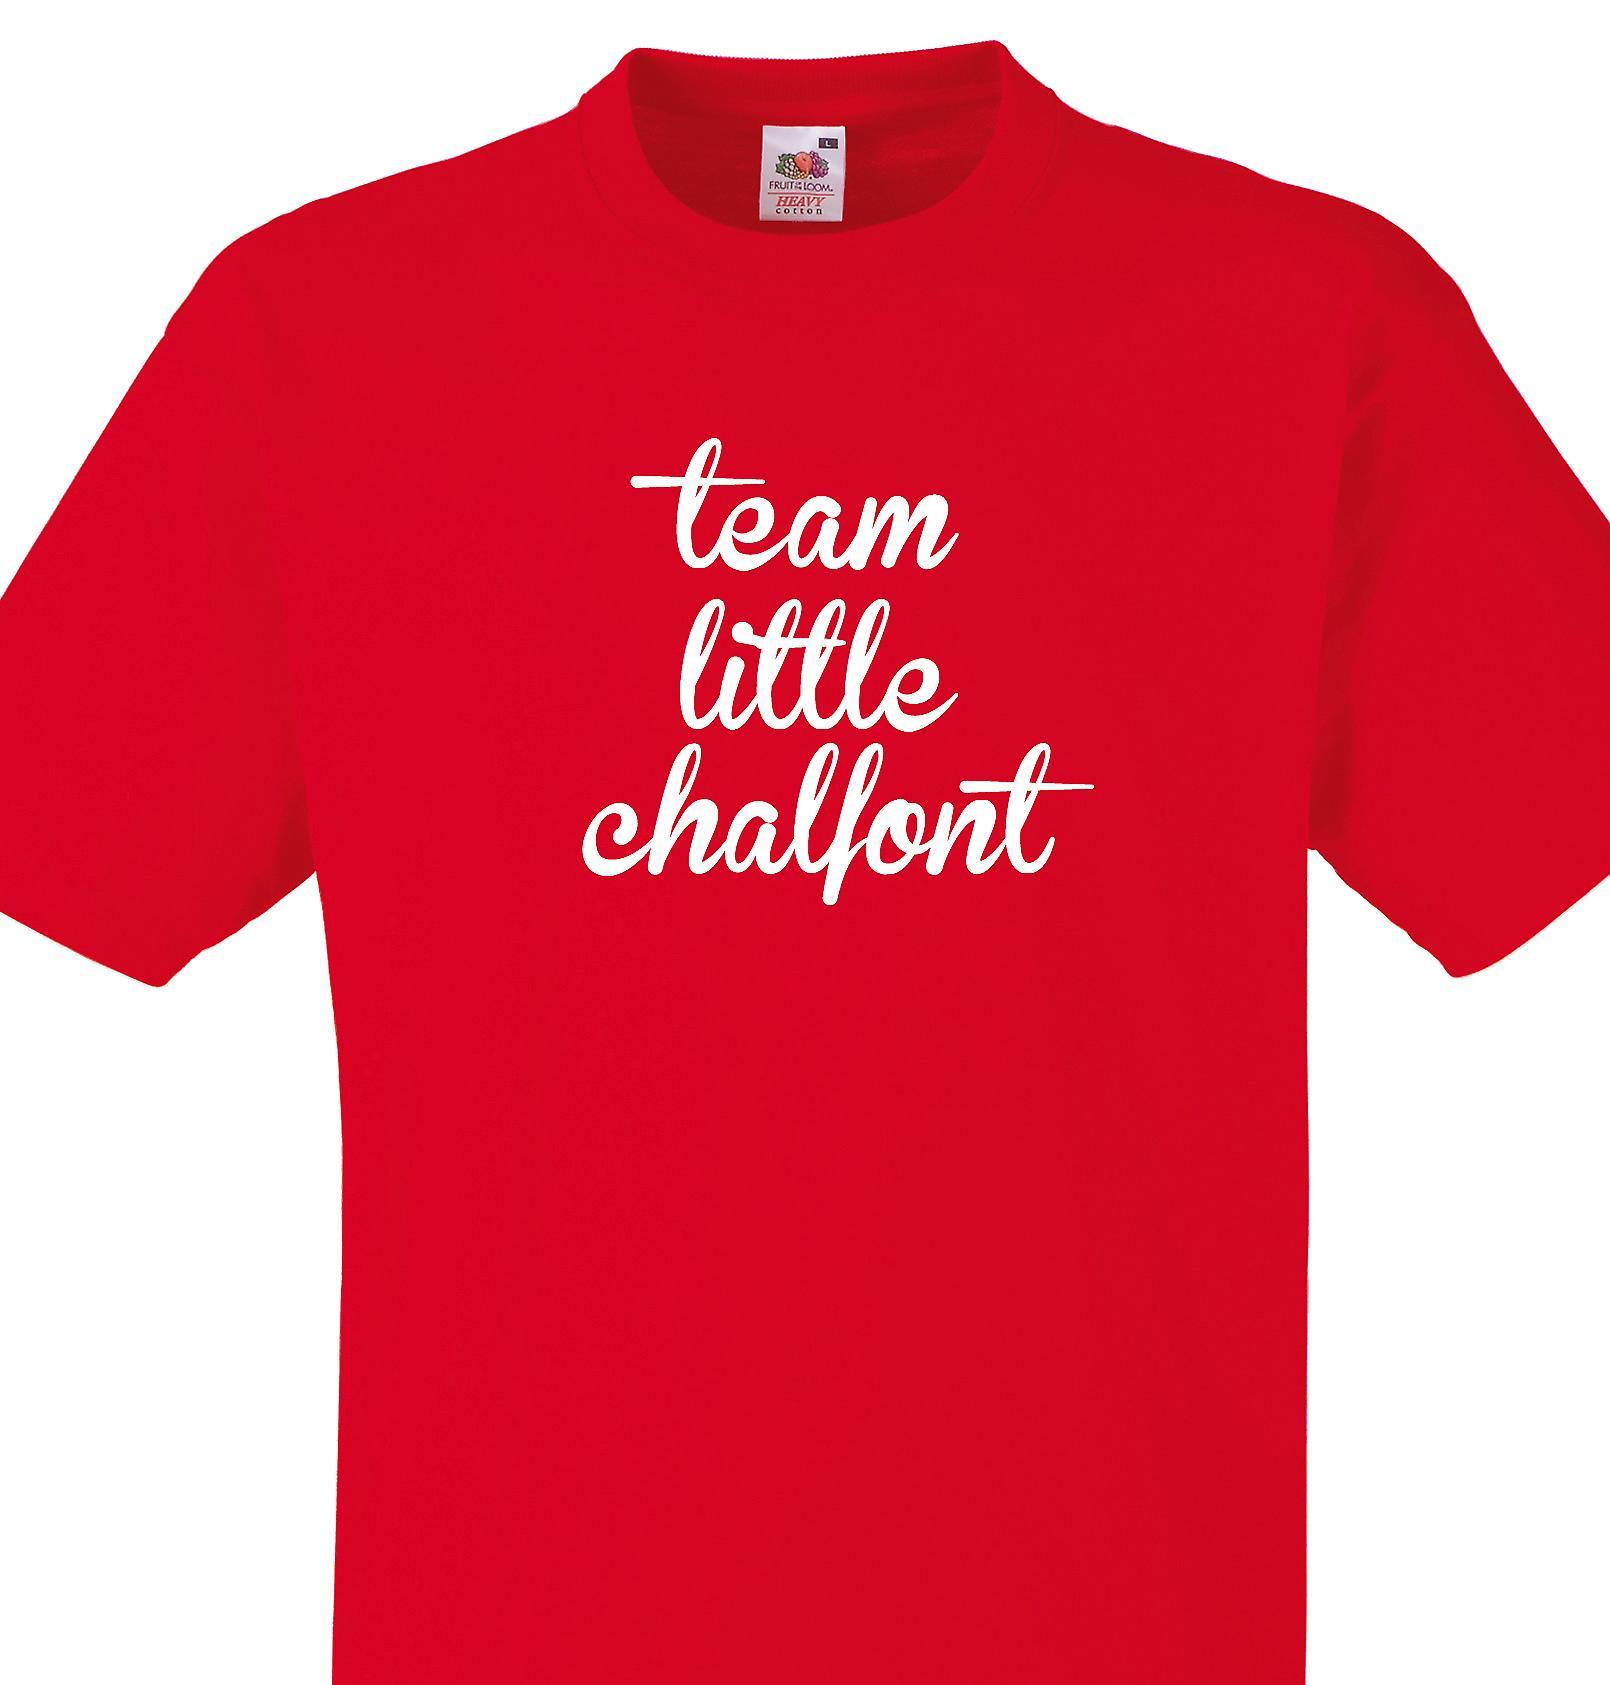 Team Little chalfont Red T shirt